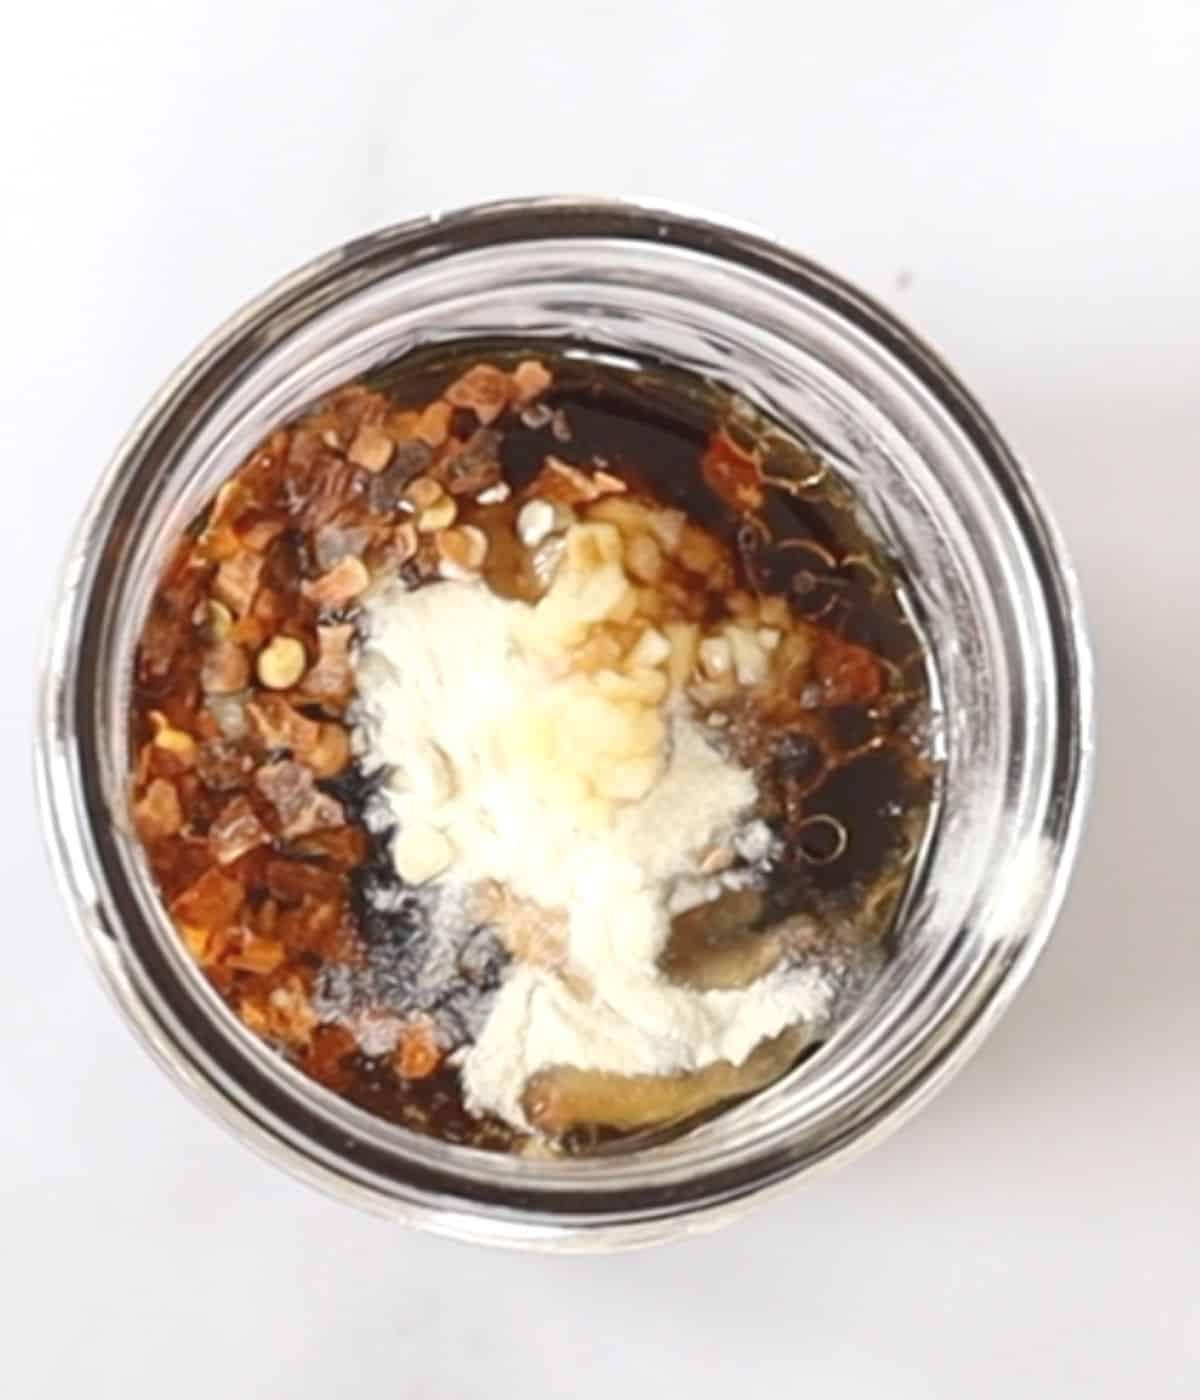 teriyaki ingredients in a glass jar